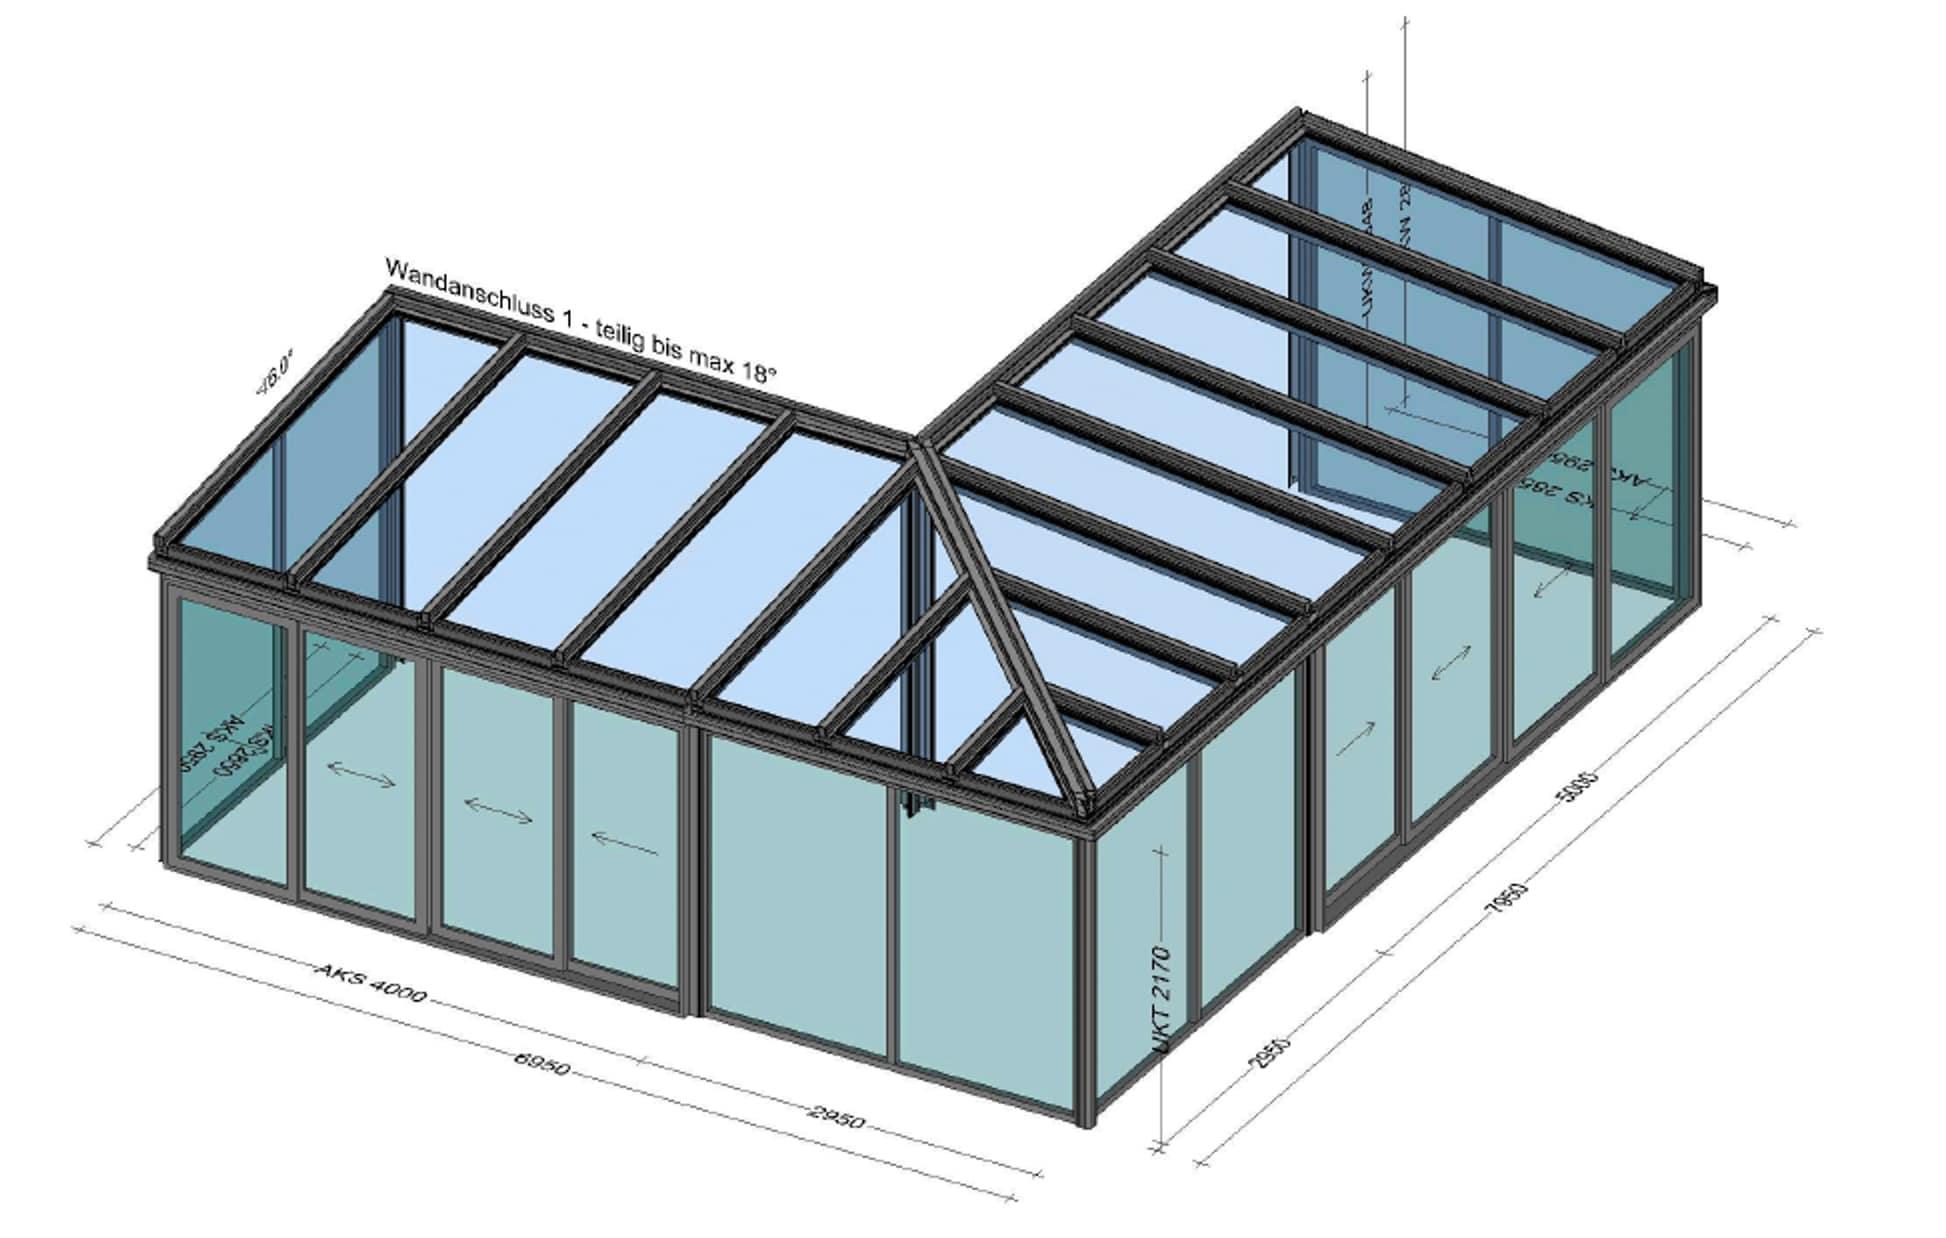 Wintergarten Schiebesysteme aus Alu und Glas